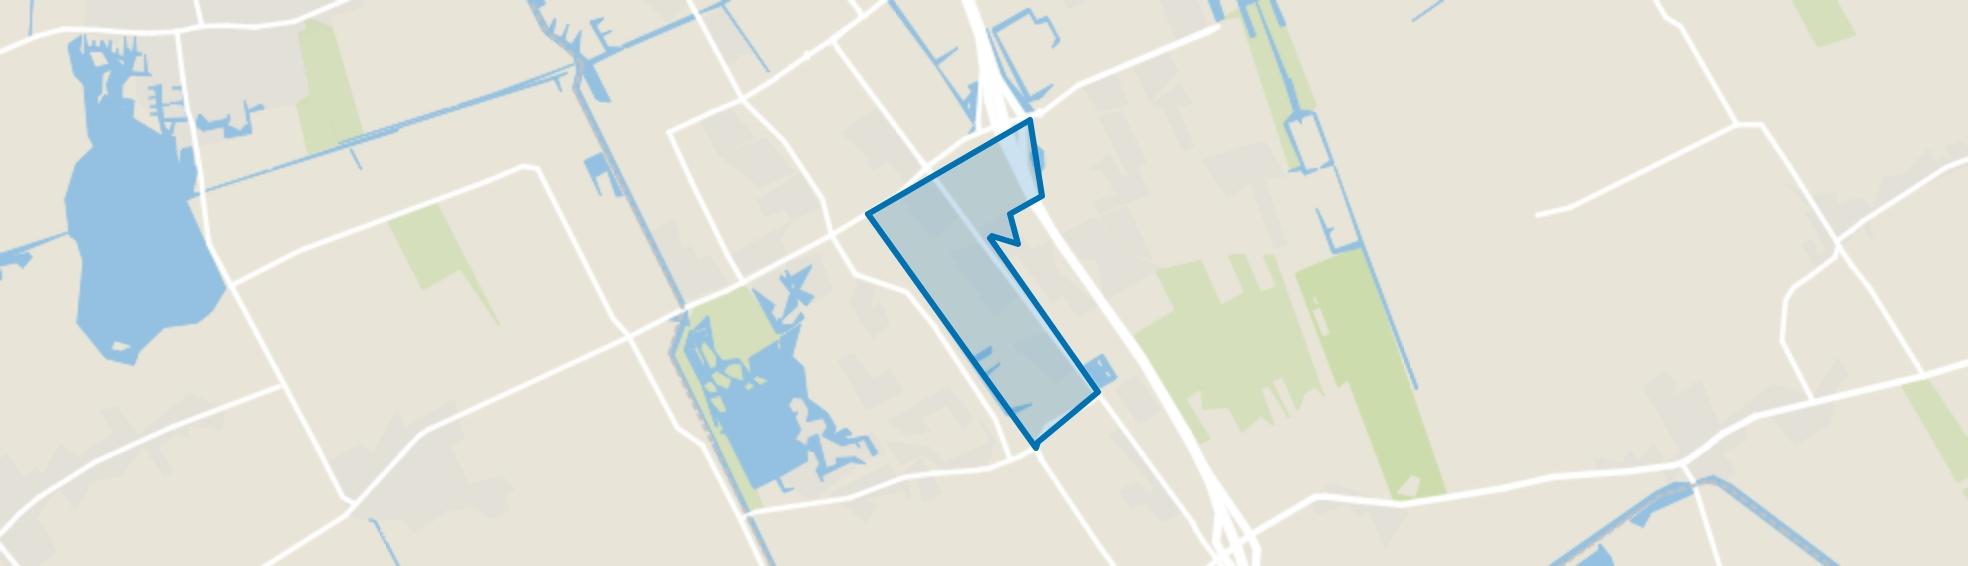 De Akkers, Heerenveen map